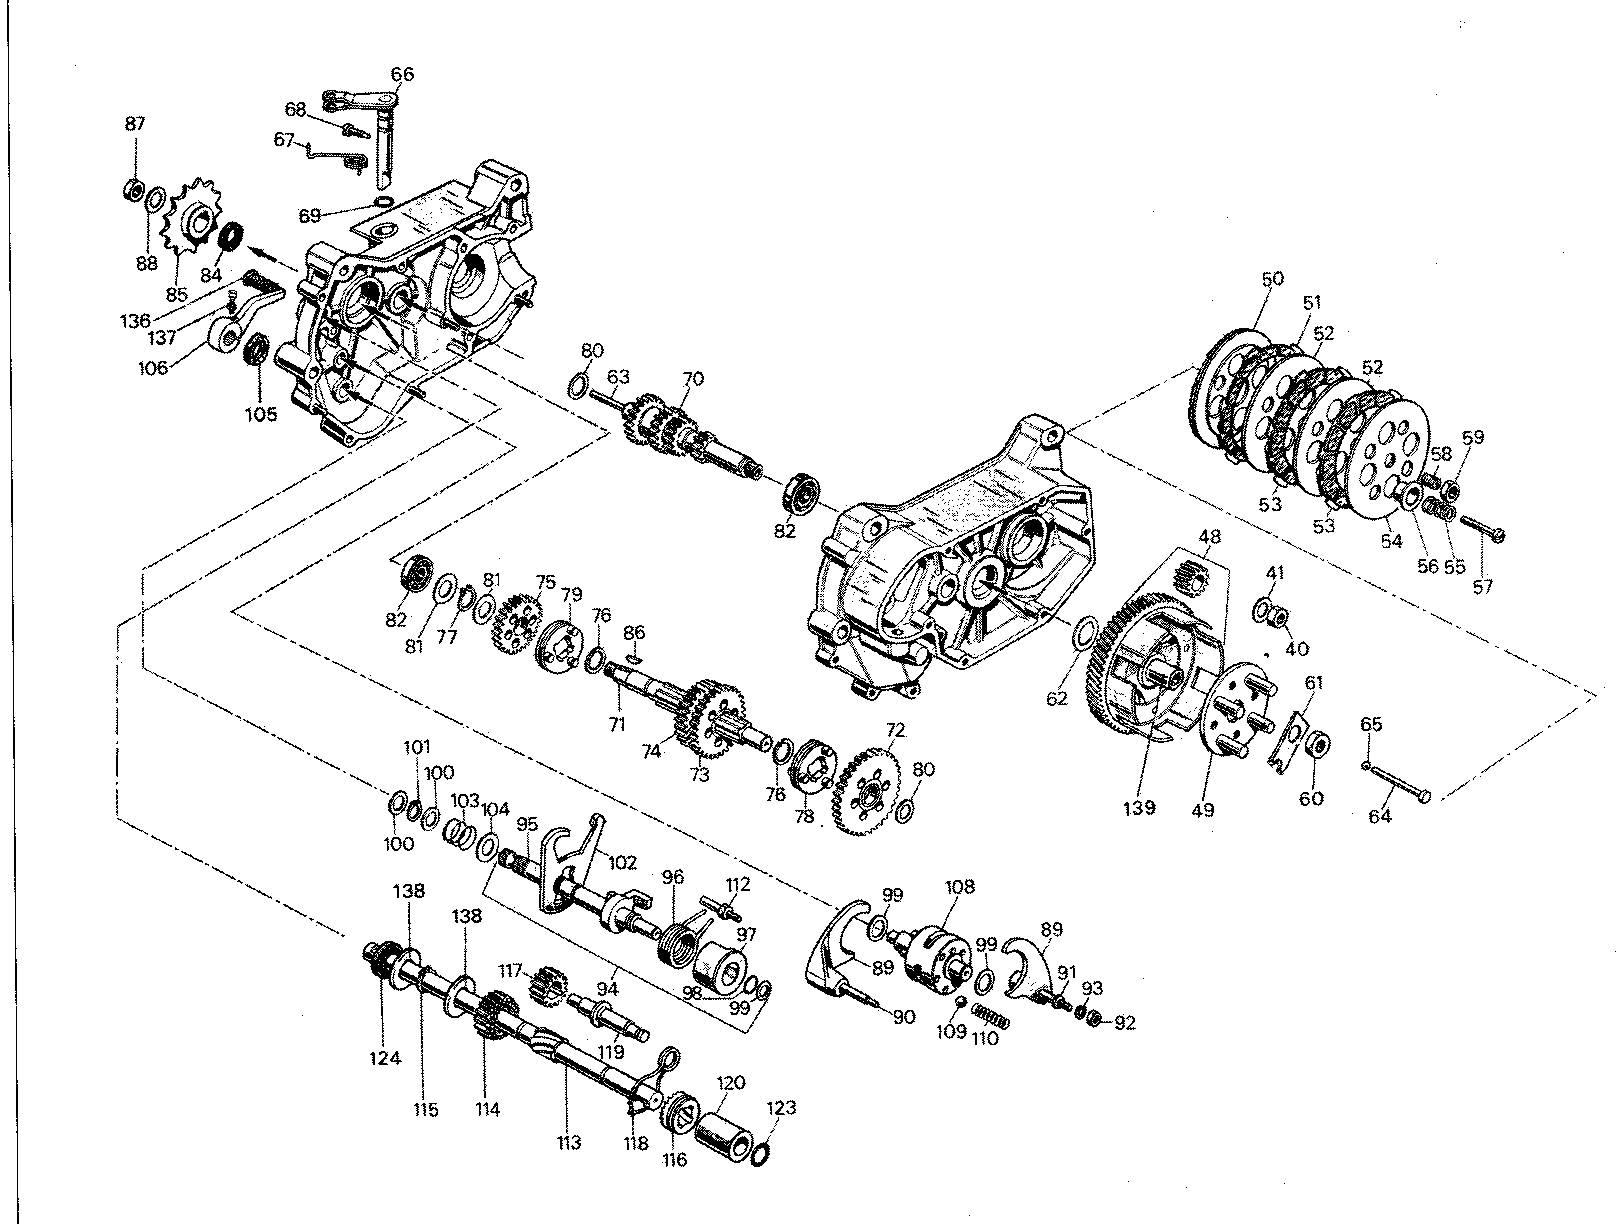 Motor Franco Morini model Tenor S4